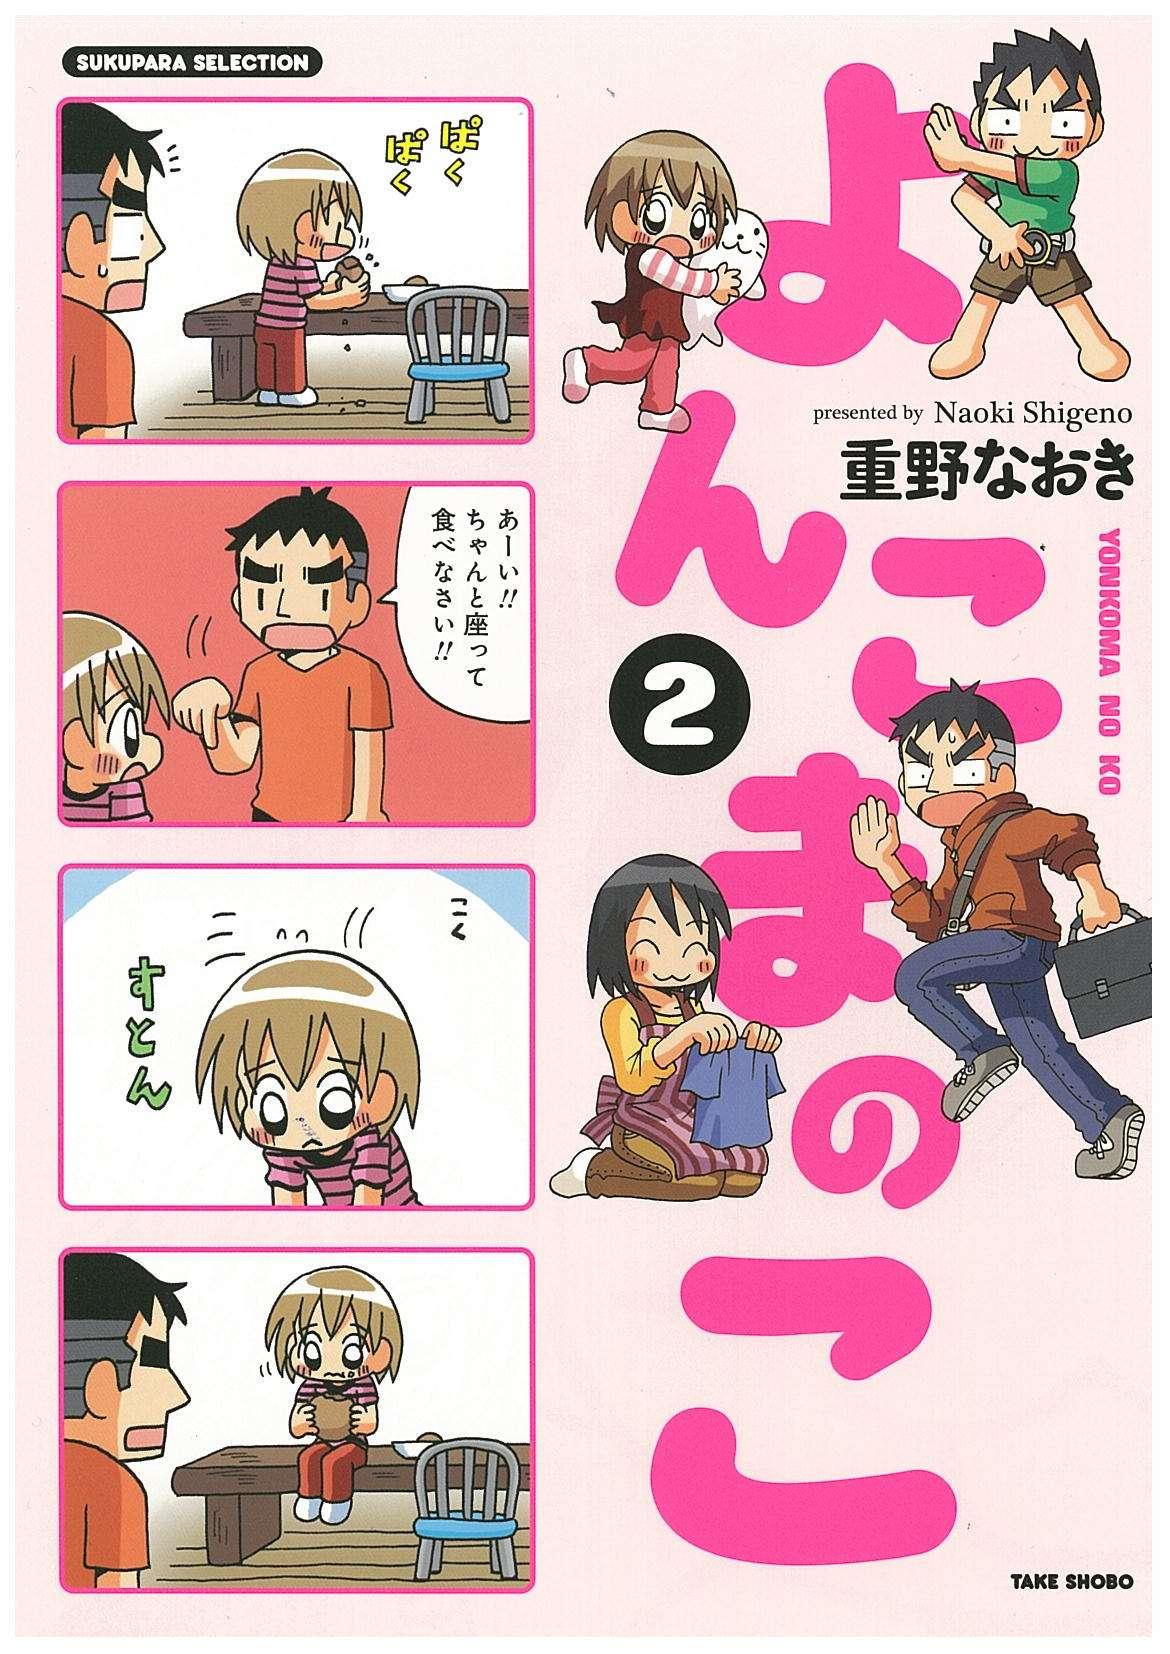 おすすめの育児漫画、教えて下さい(^^)